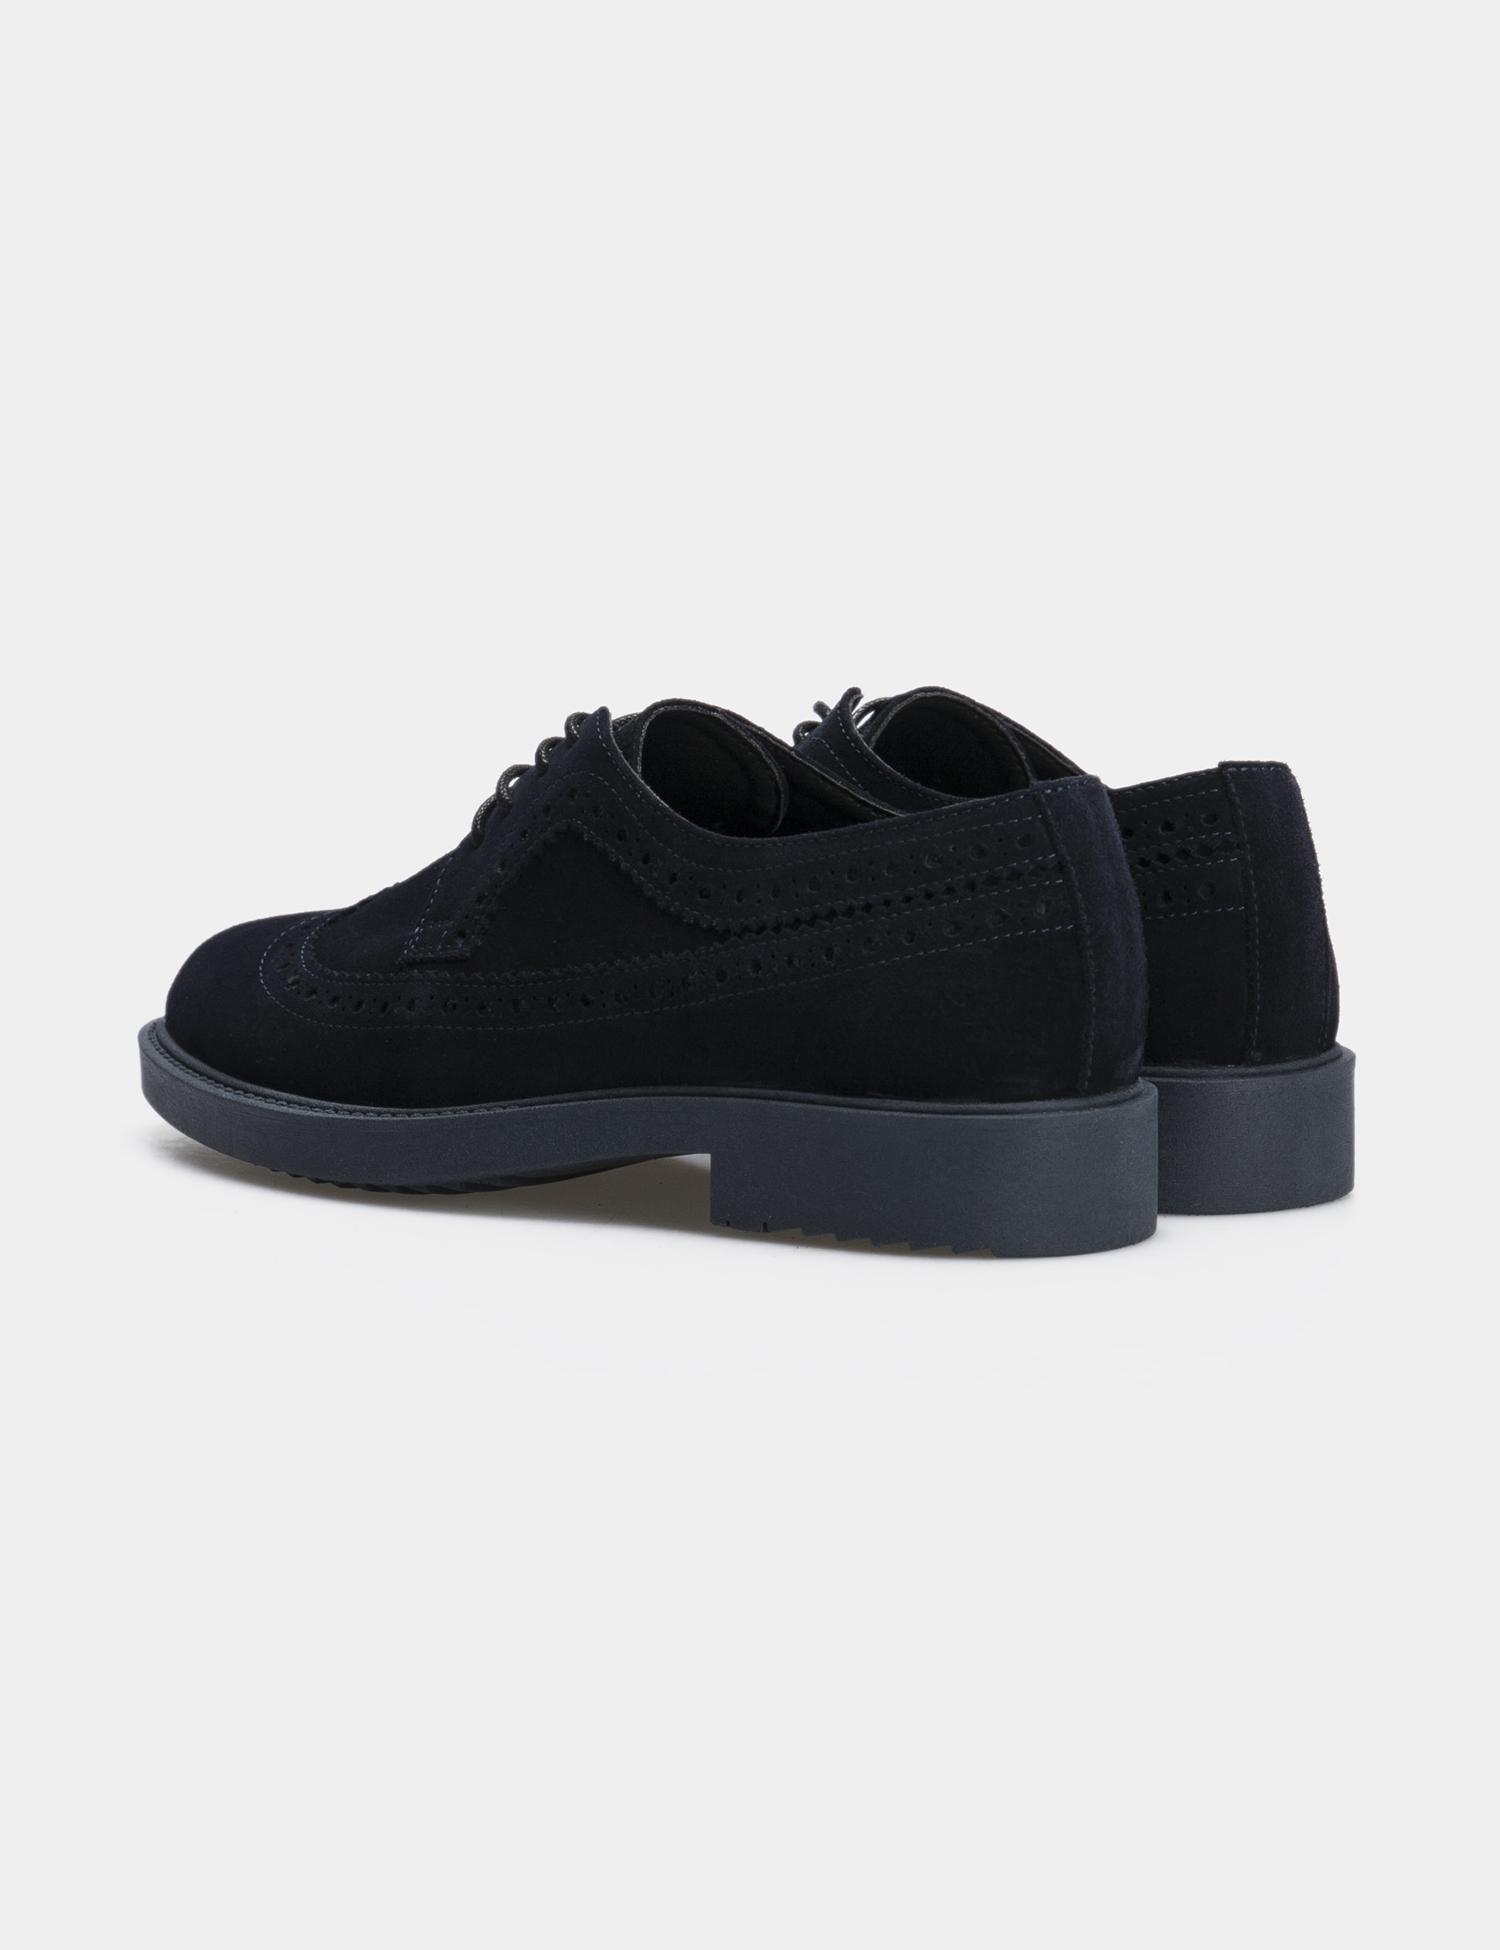 Туфлі  для жінок Туфли 74120211-4 синяя замша 74120211-4 продаж, 2017